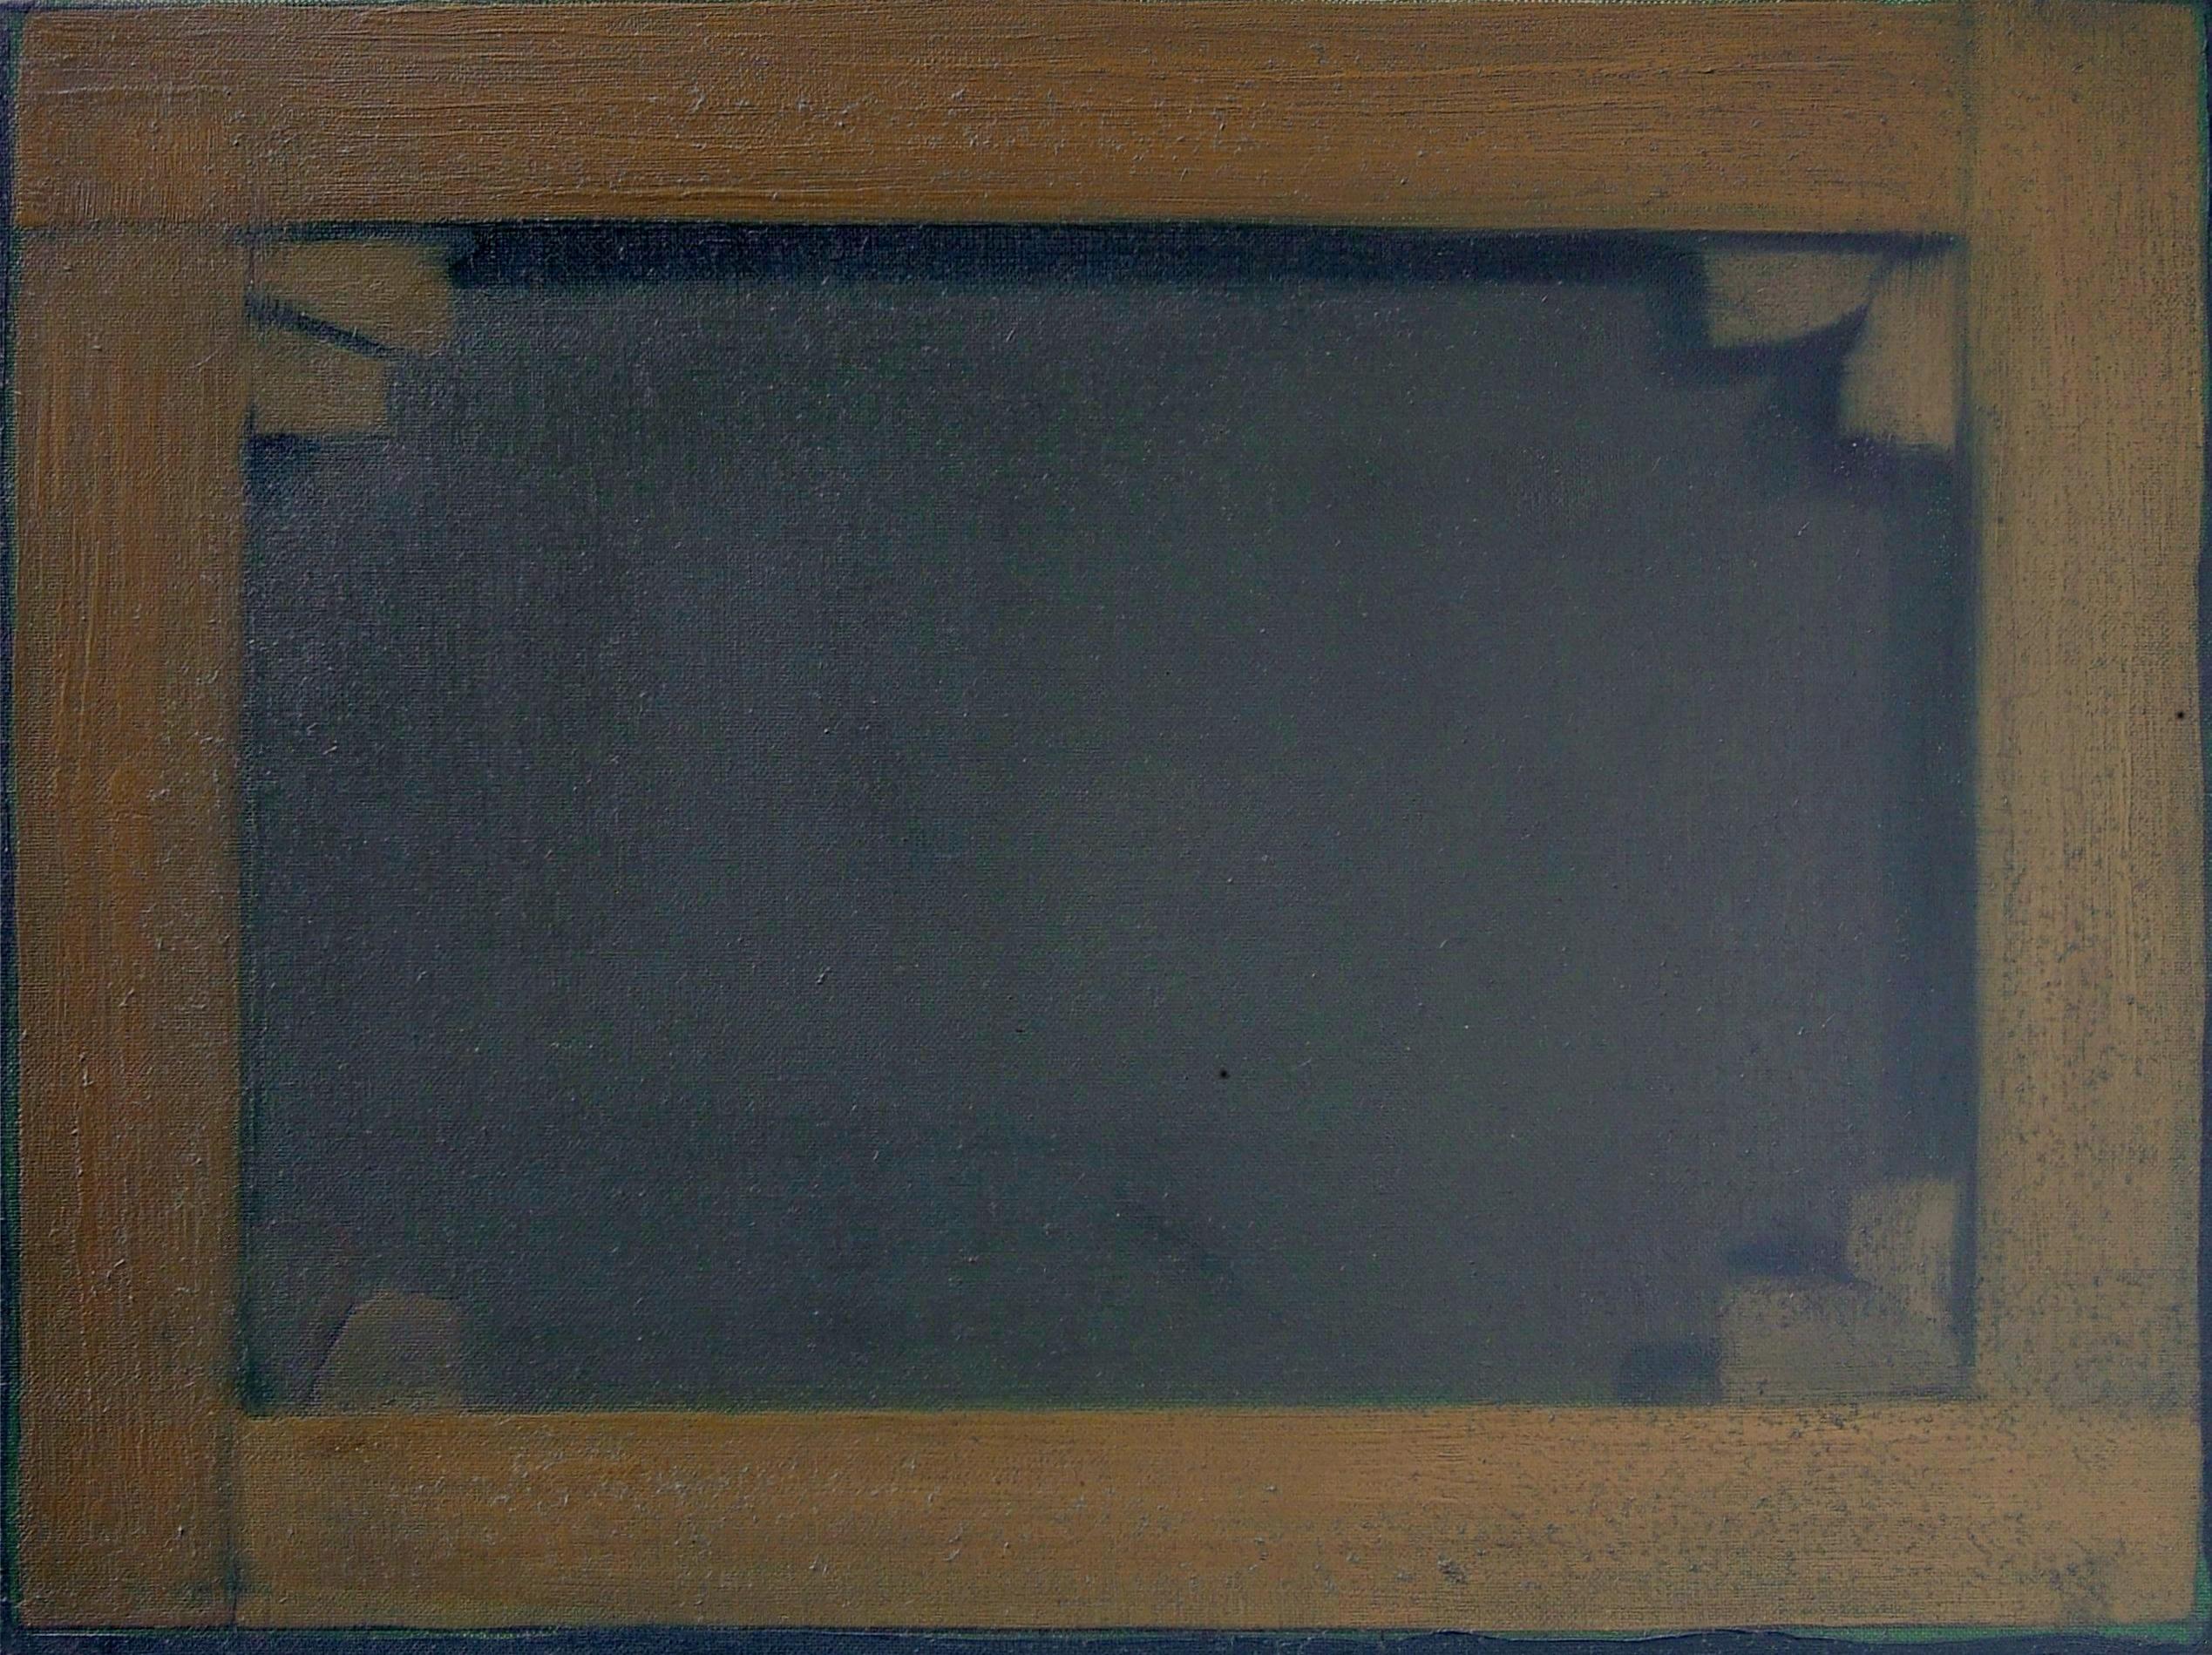 Oportuit haec facere et alia non omittere, olio su tela, cm 30x40, 2008